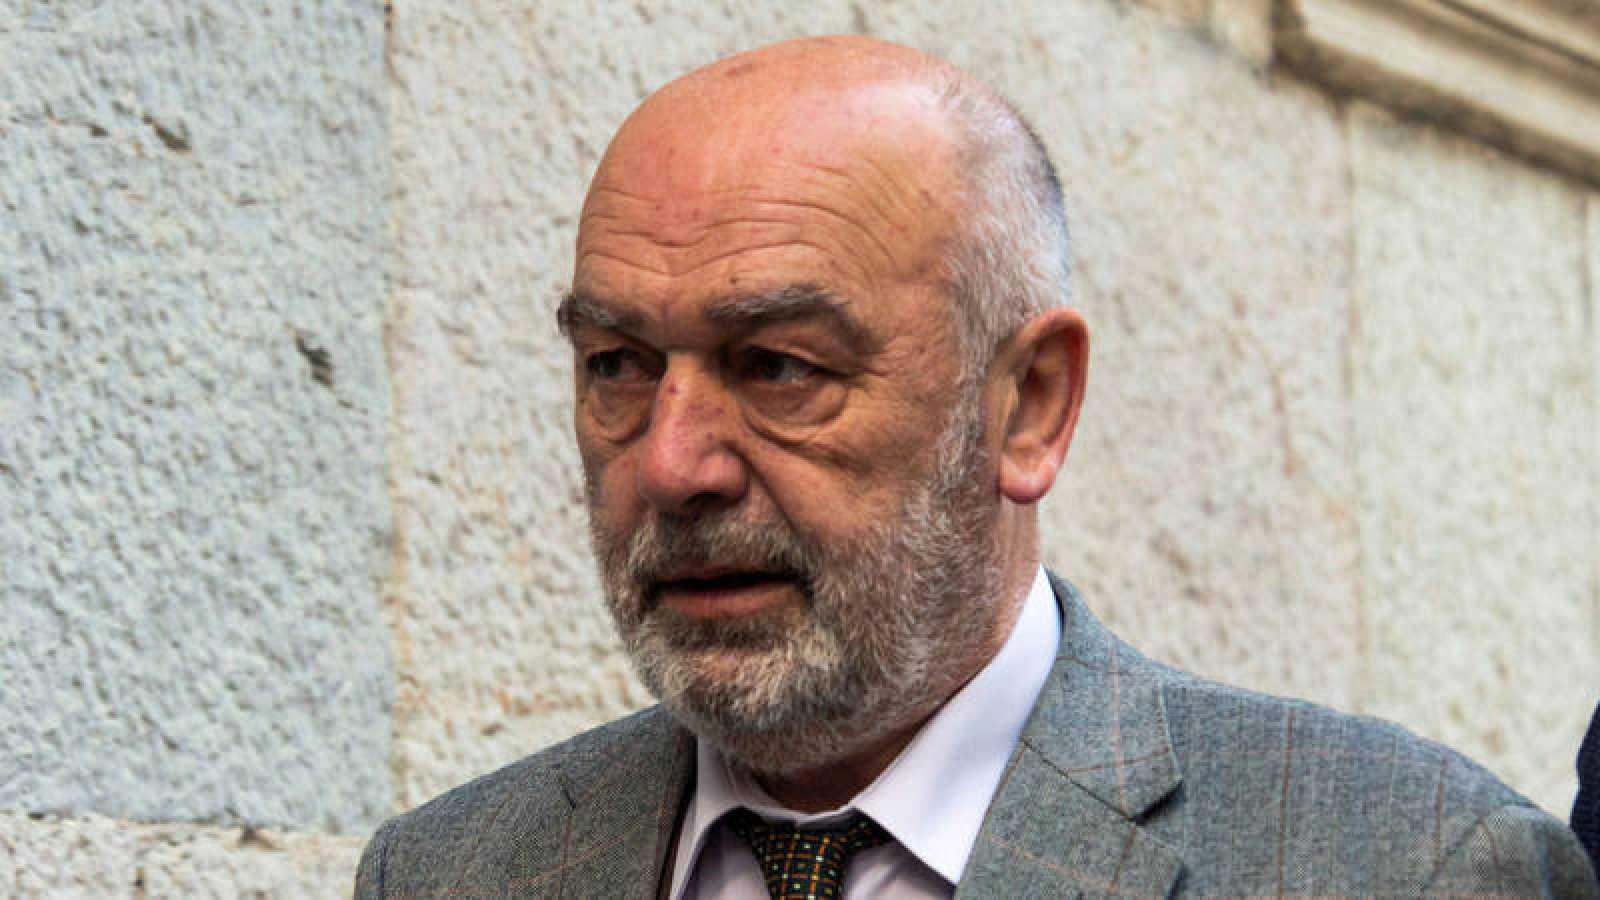 El juez Miquel Florit, instructor del 'caso Cursach', antes de comparecer como investigado ante el Tribunal Superior de Justicia de Baleares